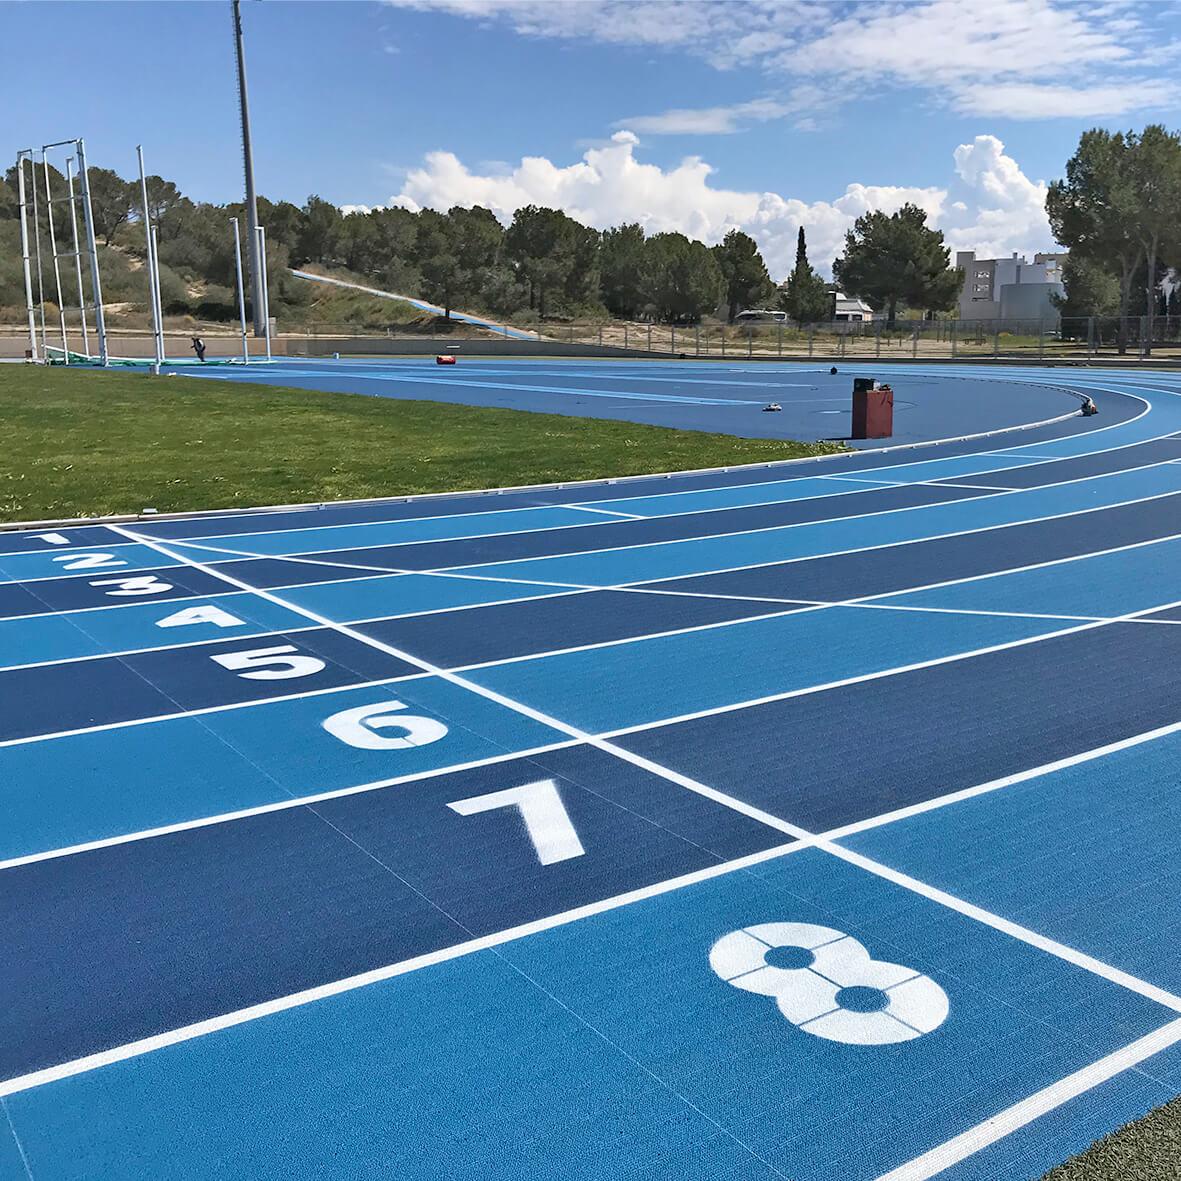 pista de atletismo magaluf, Half Marathon Magaluf, la mejor Media maratón en Mallorca, Half Marathon Magaluf, the best half distance marathon in Mallorca